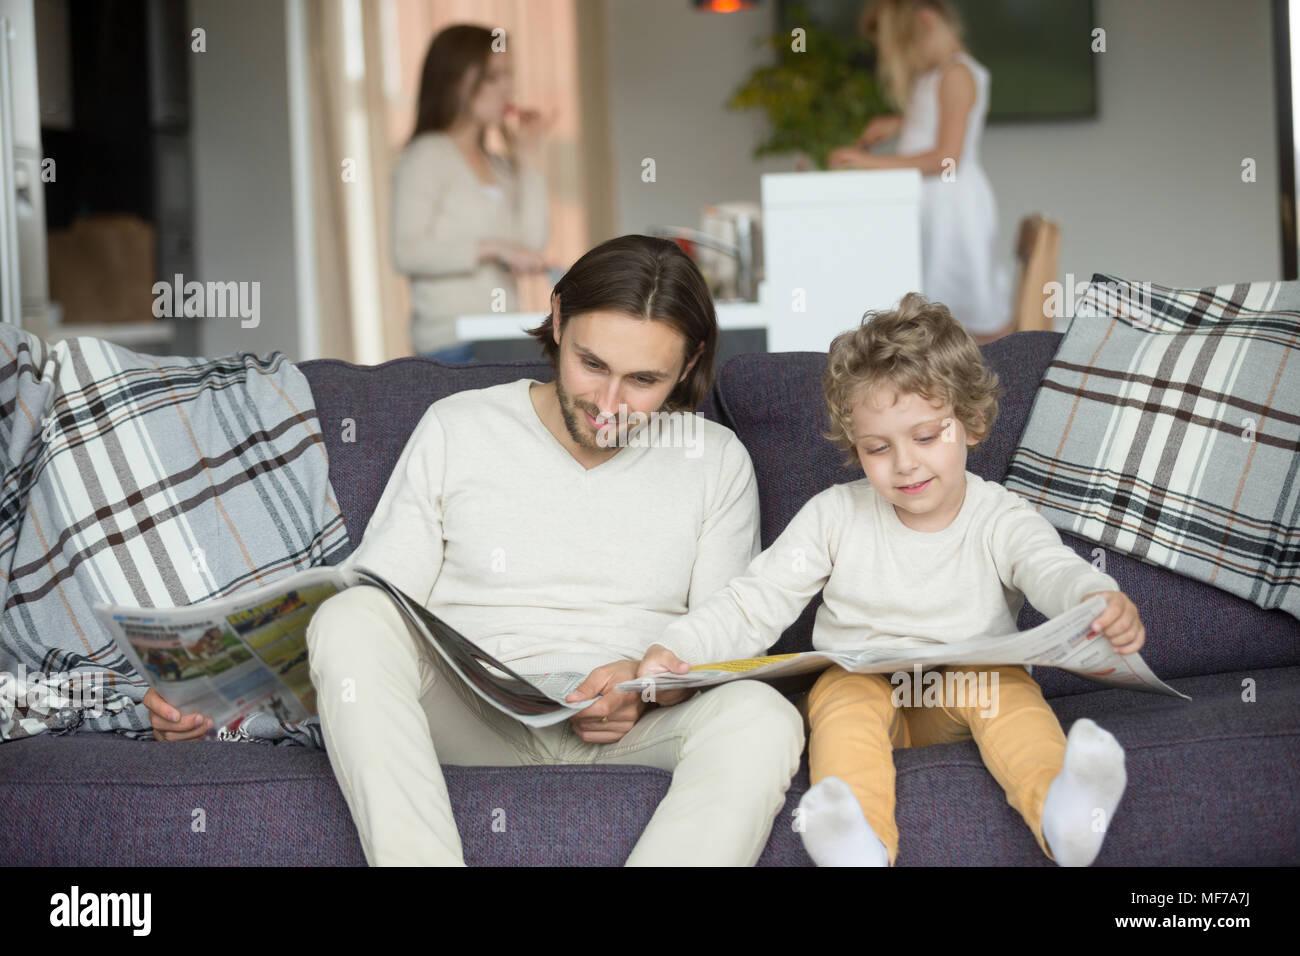 Pequeño hijo simulando la lectura de periódicos sentado en el sofá con fa Imagen De Stock